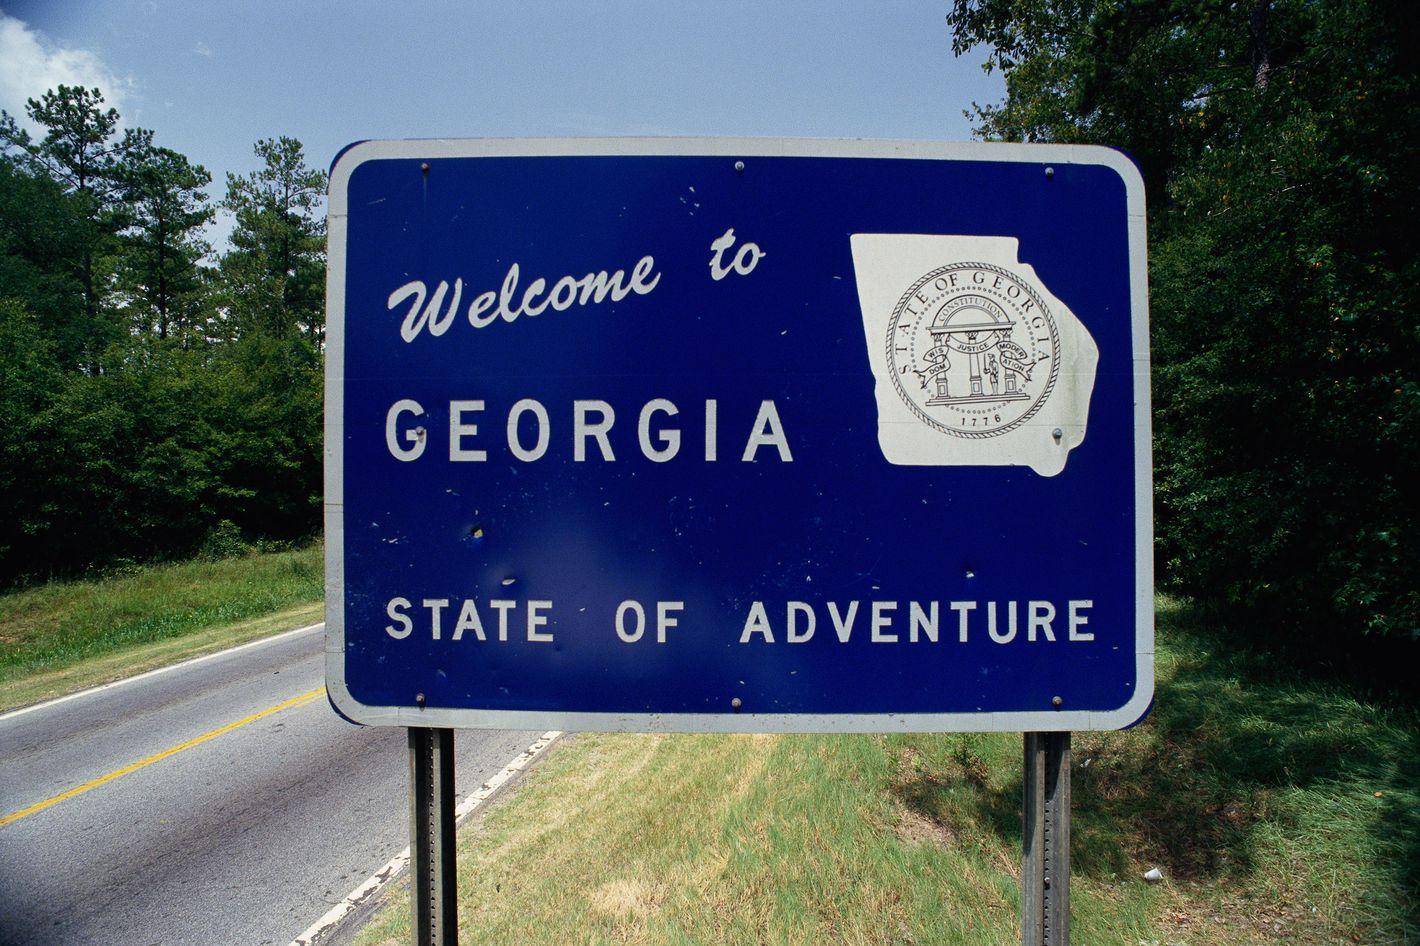 Florida to Georgia